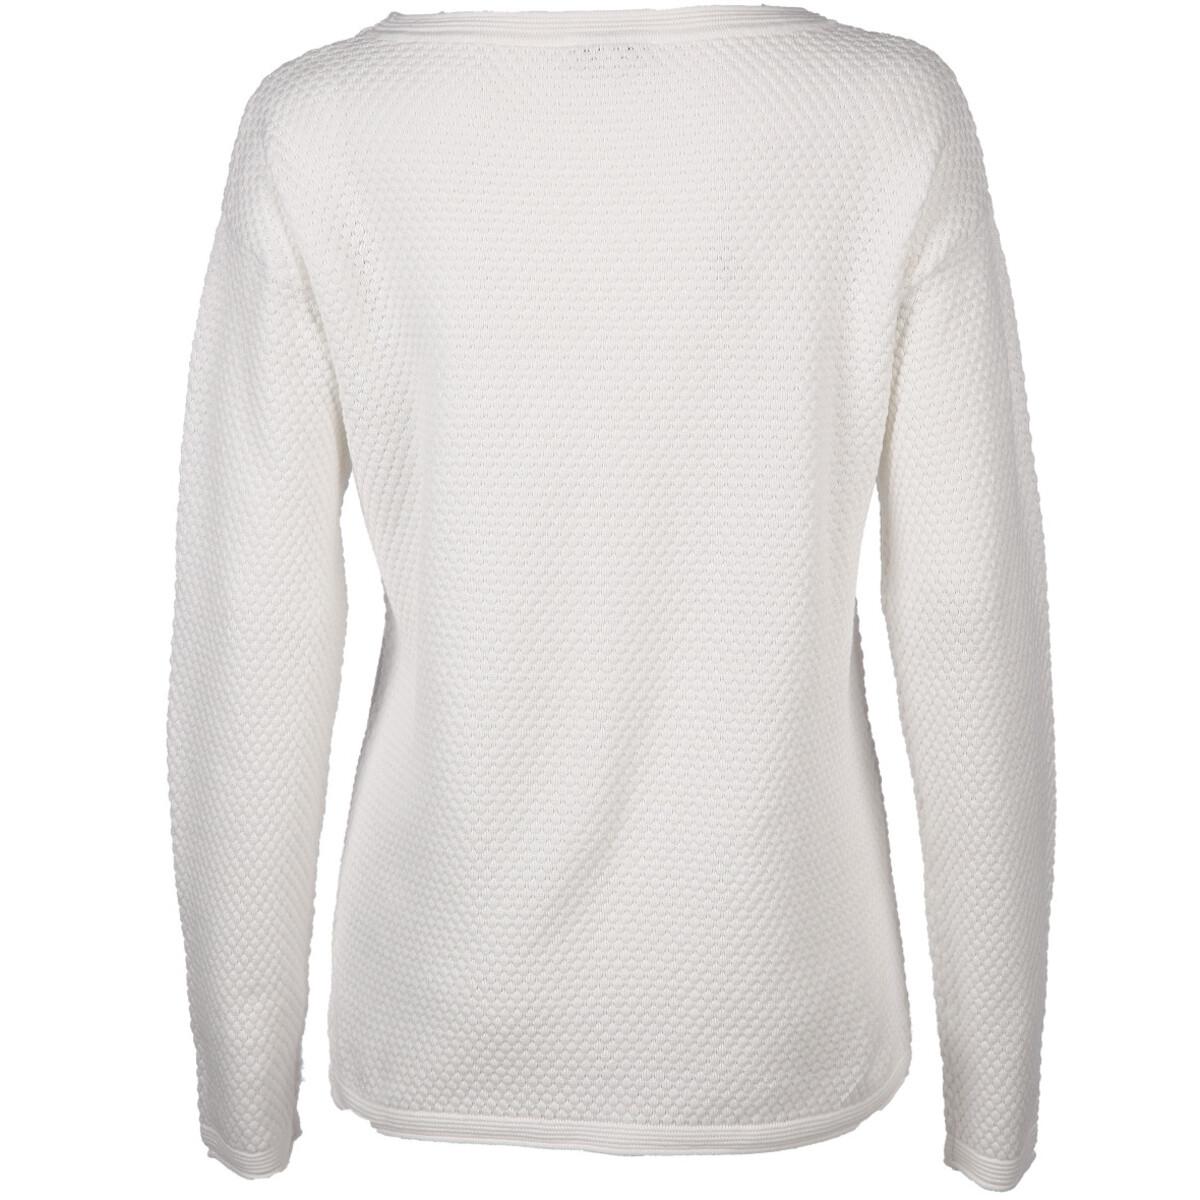 Bild 2 von Damen Struktur Shirt